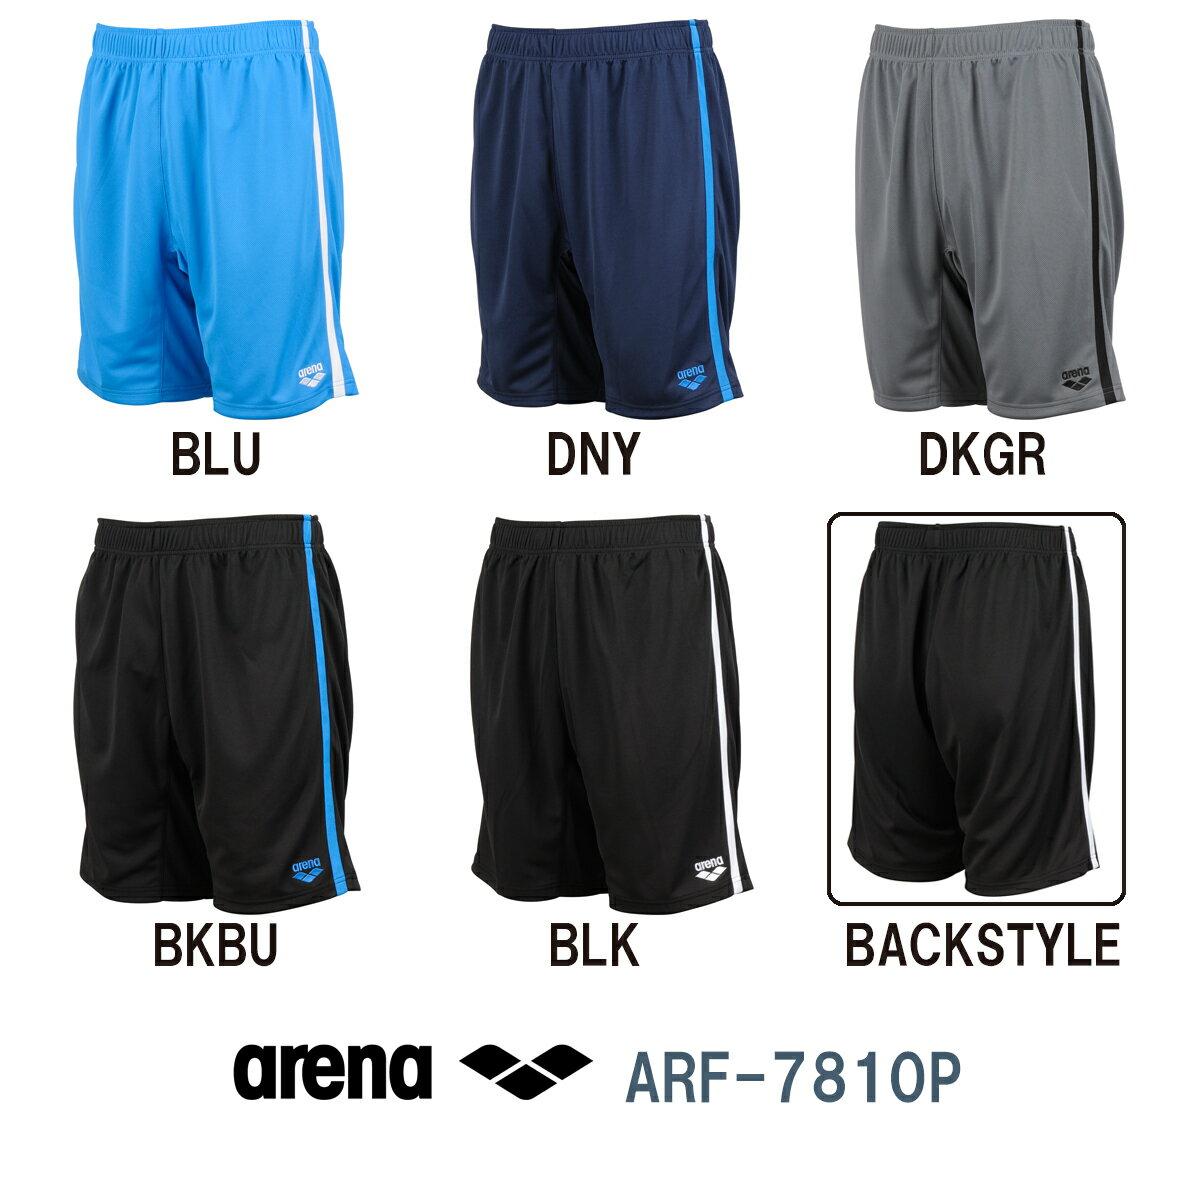 【ARF-7810P】ARENA(アリーナ) ピンホールメッシュ ハーフパンツ[トレーニングウェア/アパレル/吸汗速乾]